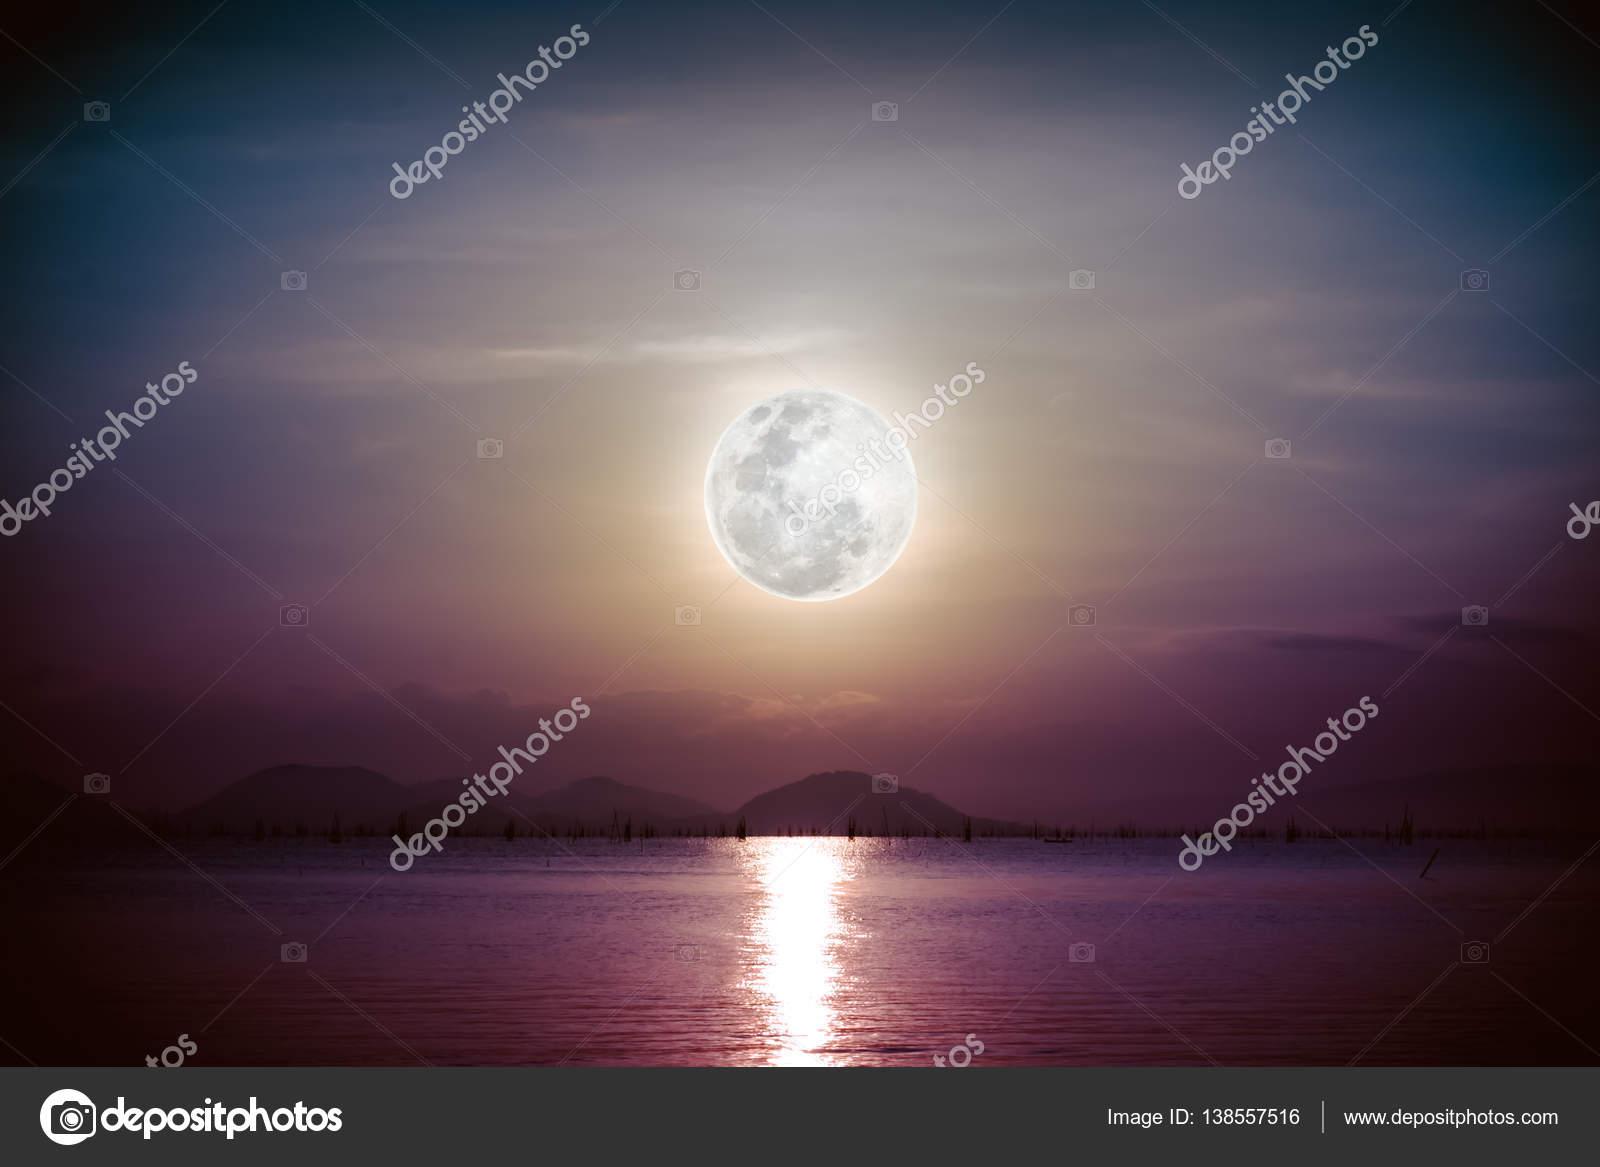 Romantico Scenico Con La Luna Piena Sul Mare Di Notte Vignette Foto